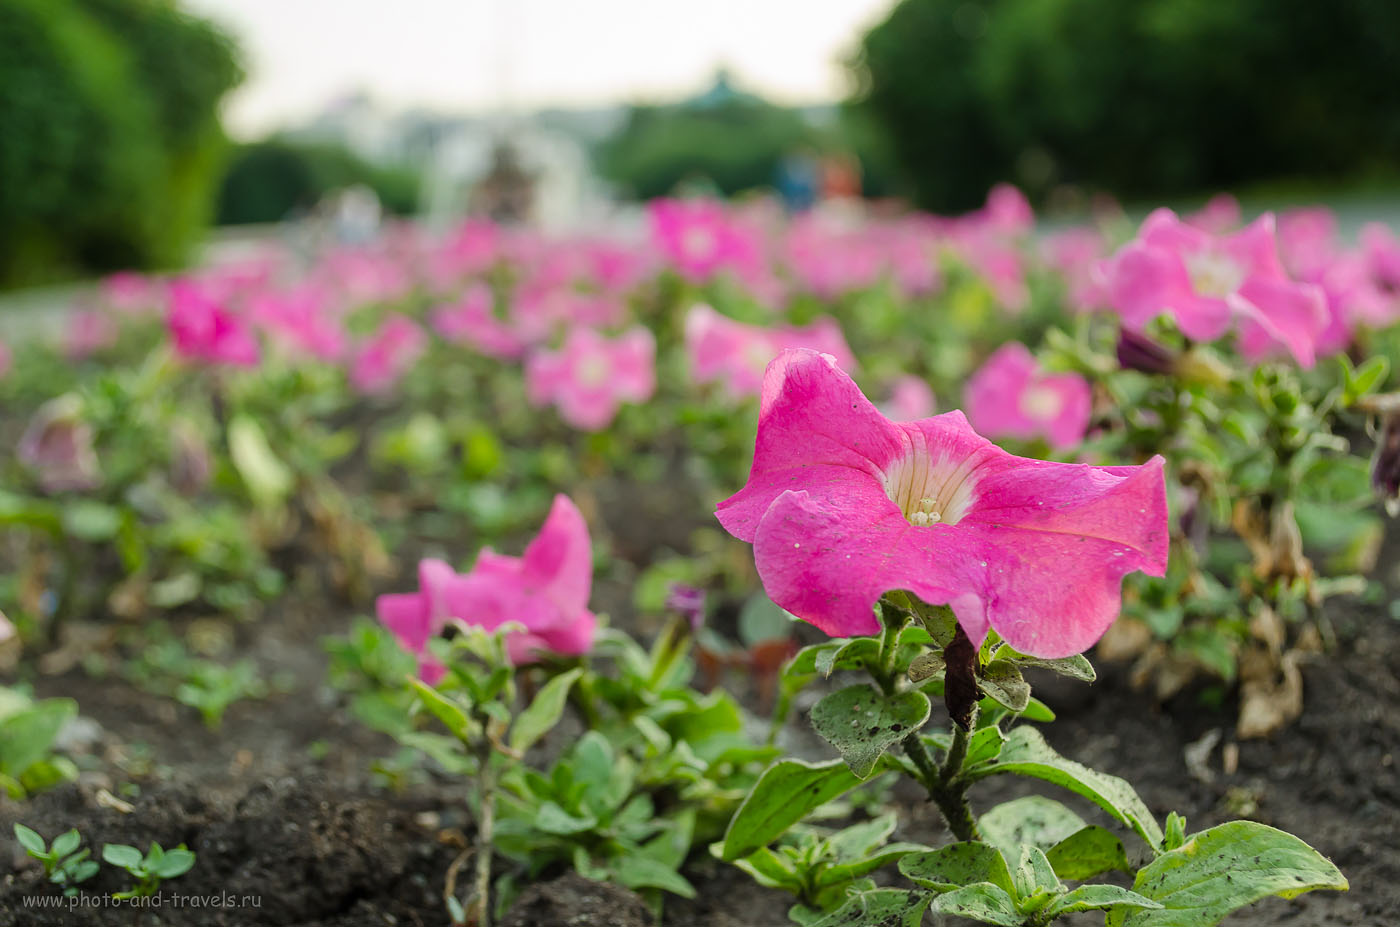 Фотография 24. При съемке цветка пришлось фокусироваться в ручном режиме (400, 35, 5.6, 1/125). Любительская зеркалка Nikon D5100 KIT 18-55